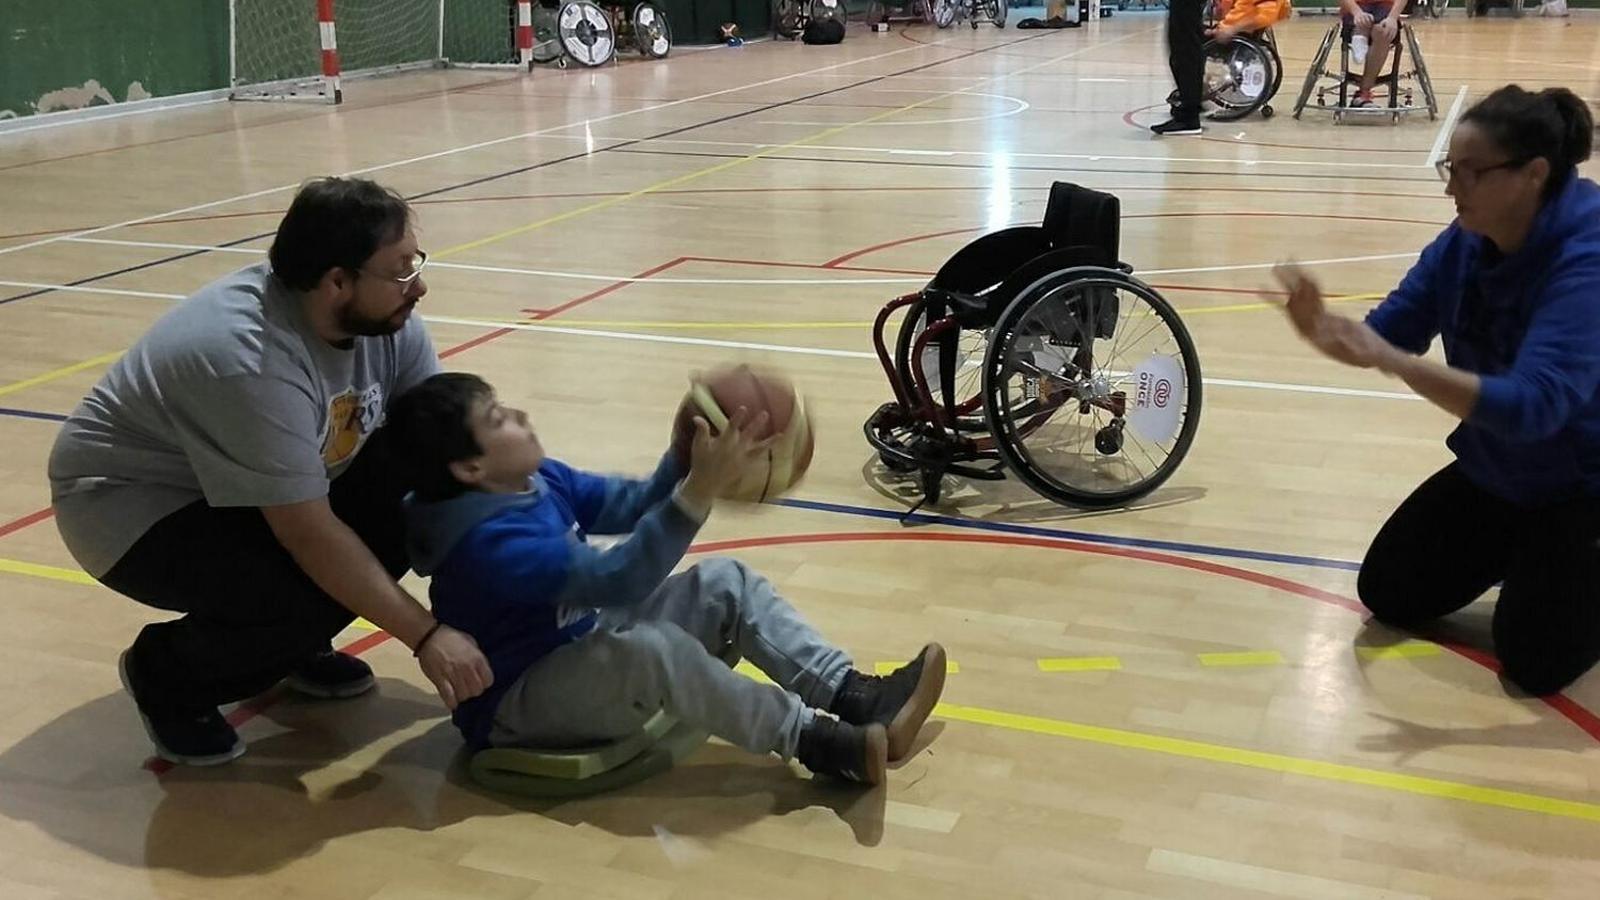 Les persones amb una discapacitat del 33% podran rebre el nou servei social./ ARA BALEARS.